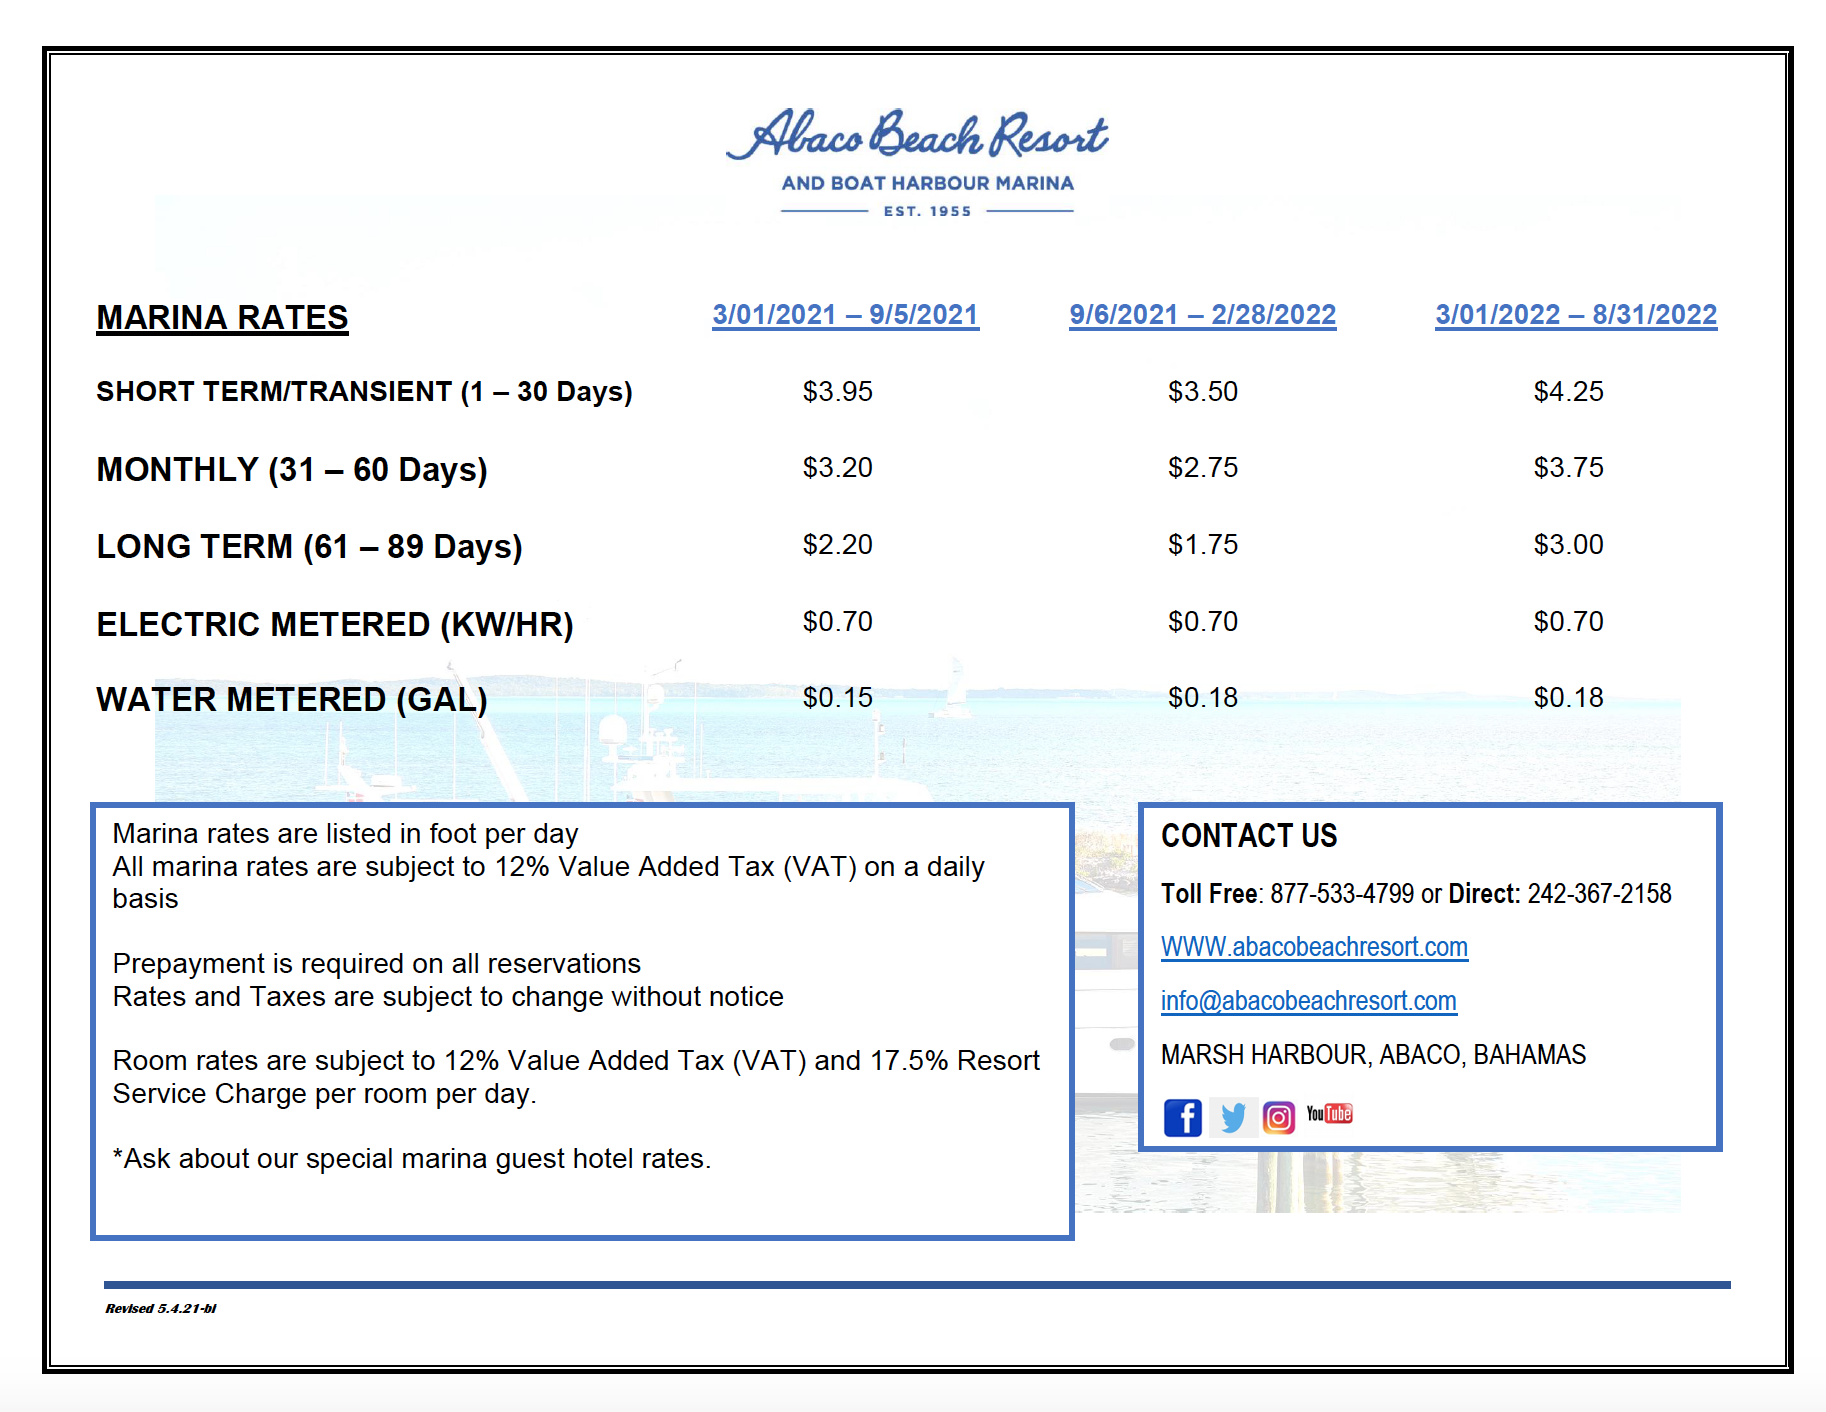 Abaco Beach Resort Marina Rates